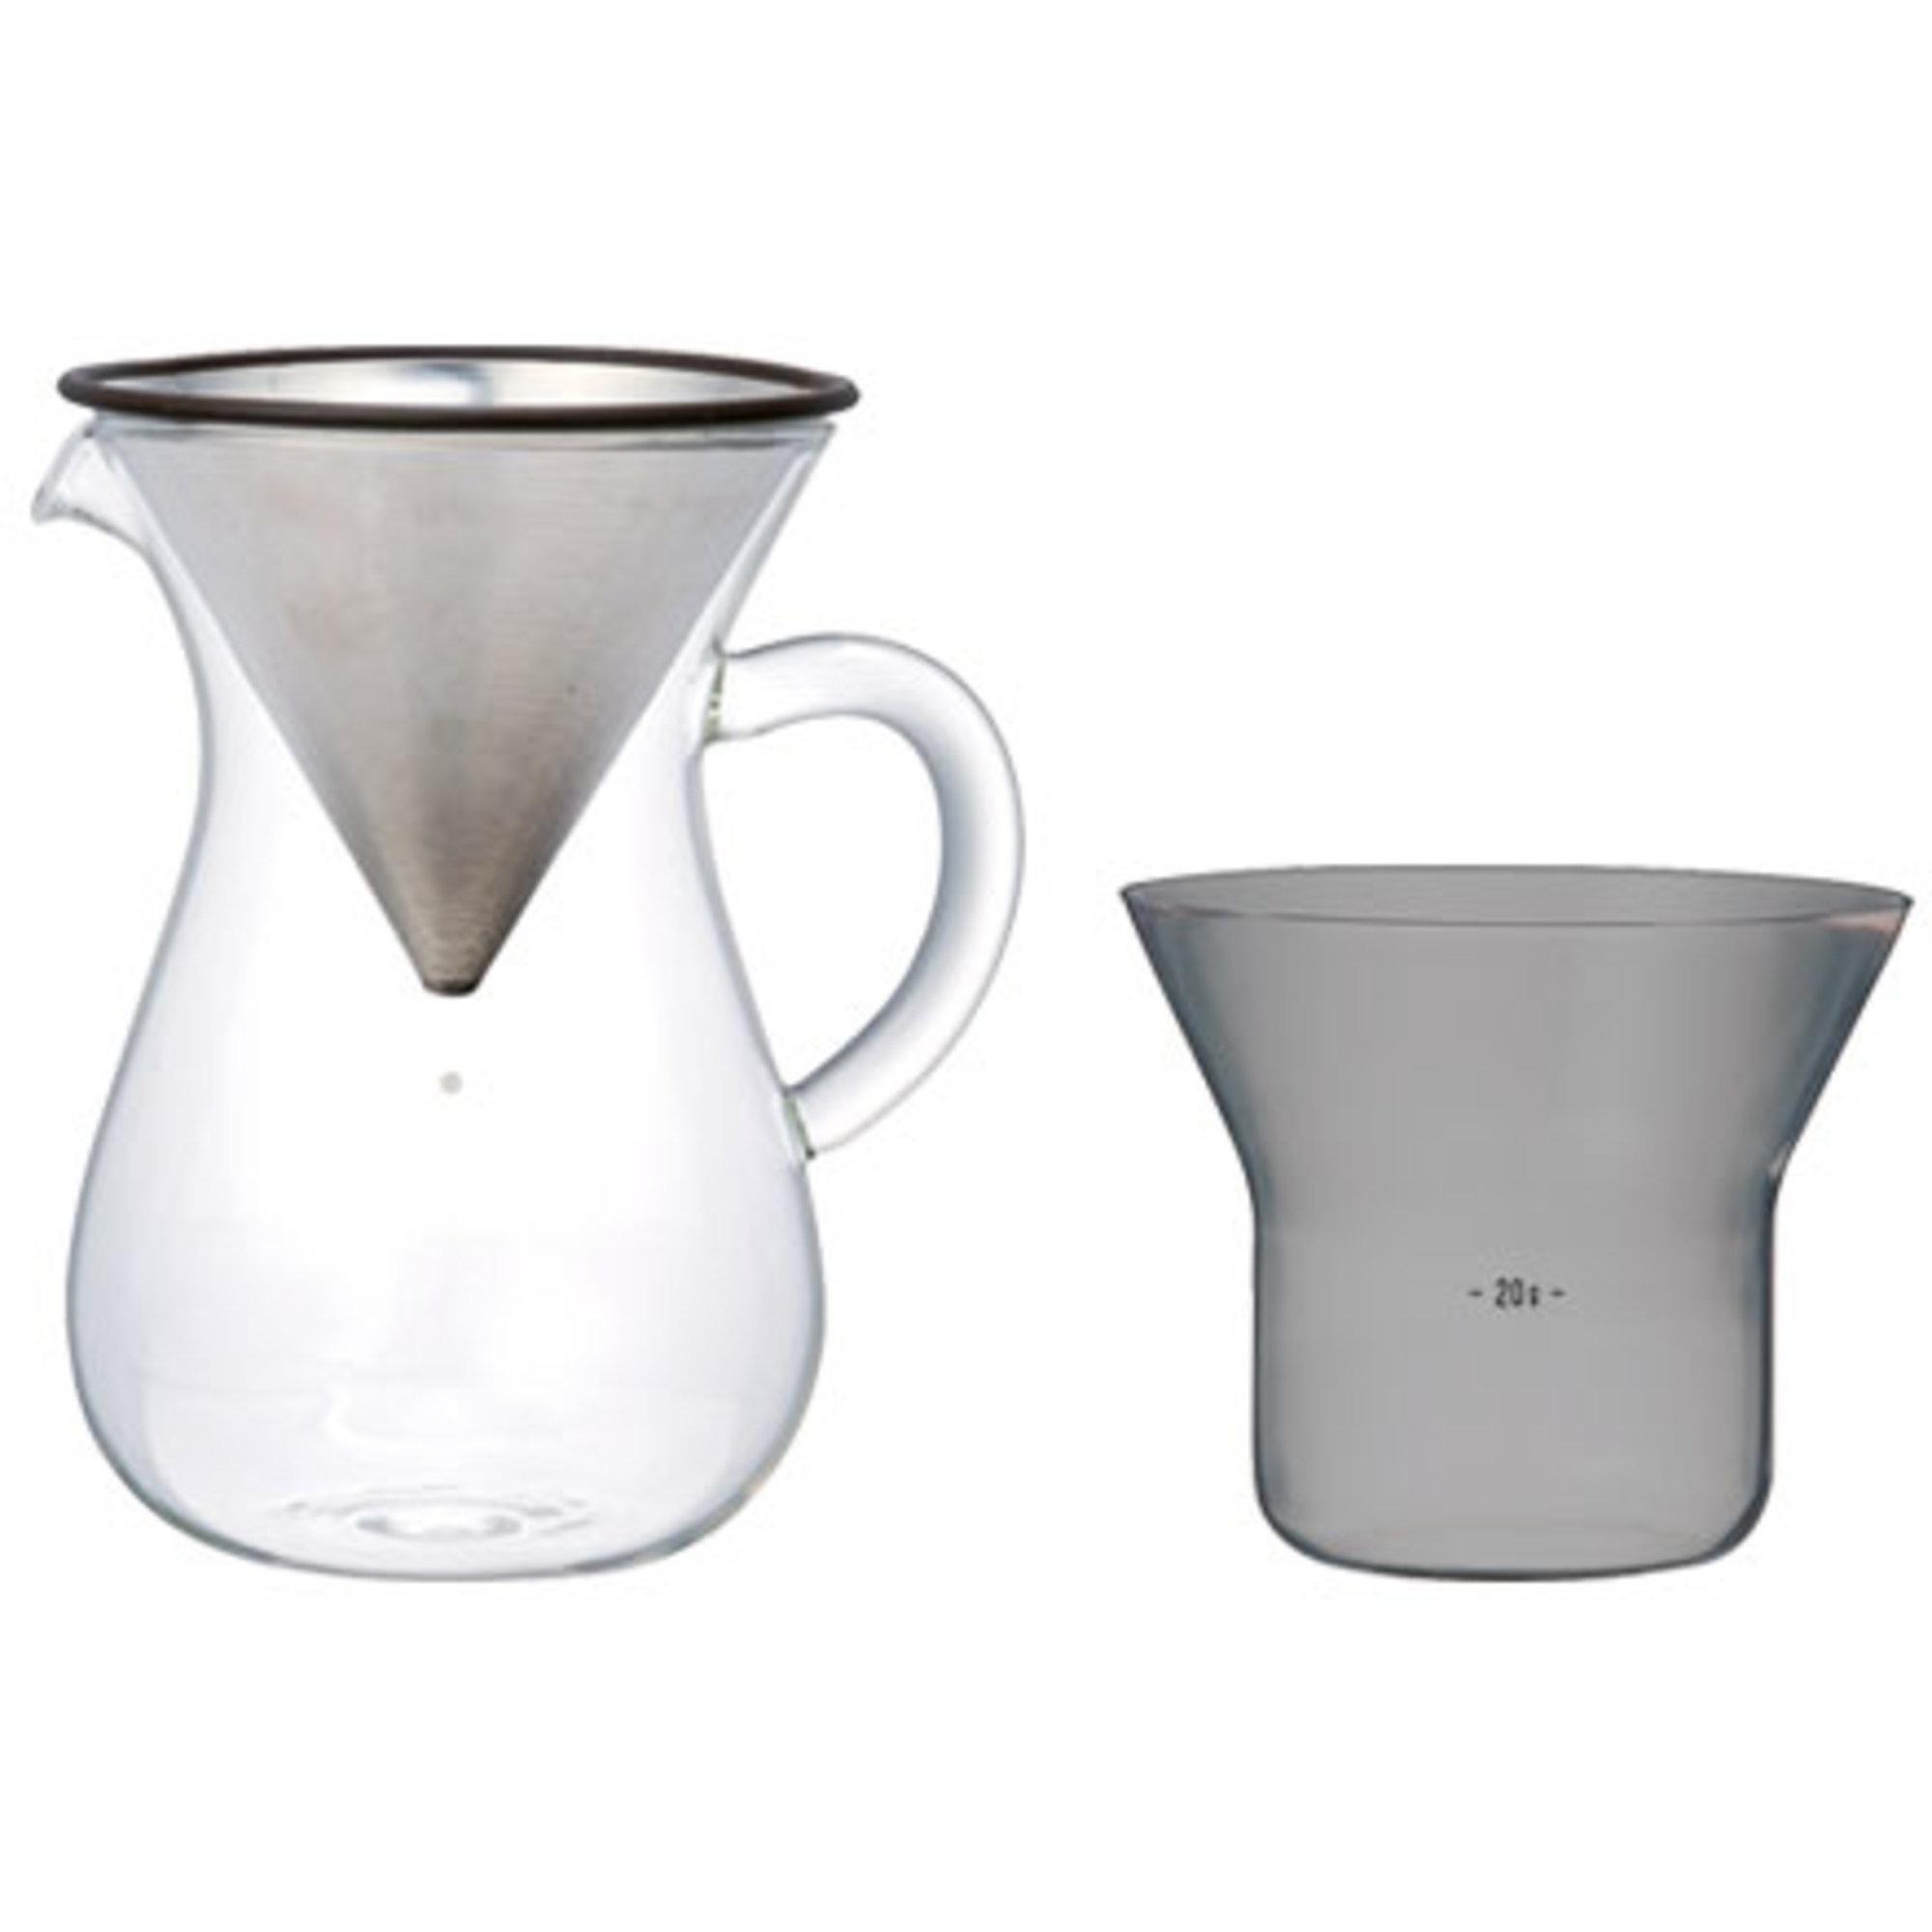 Kinto SCS Kaffe karaffel sett